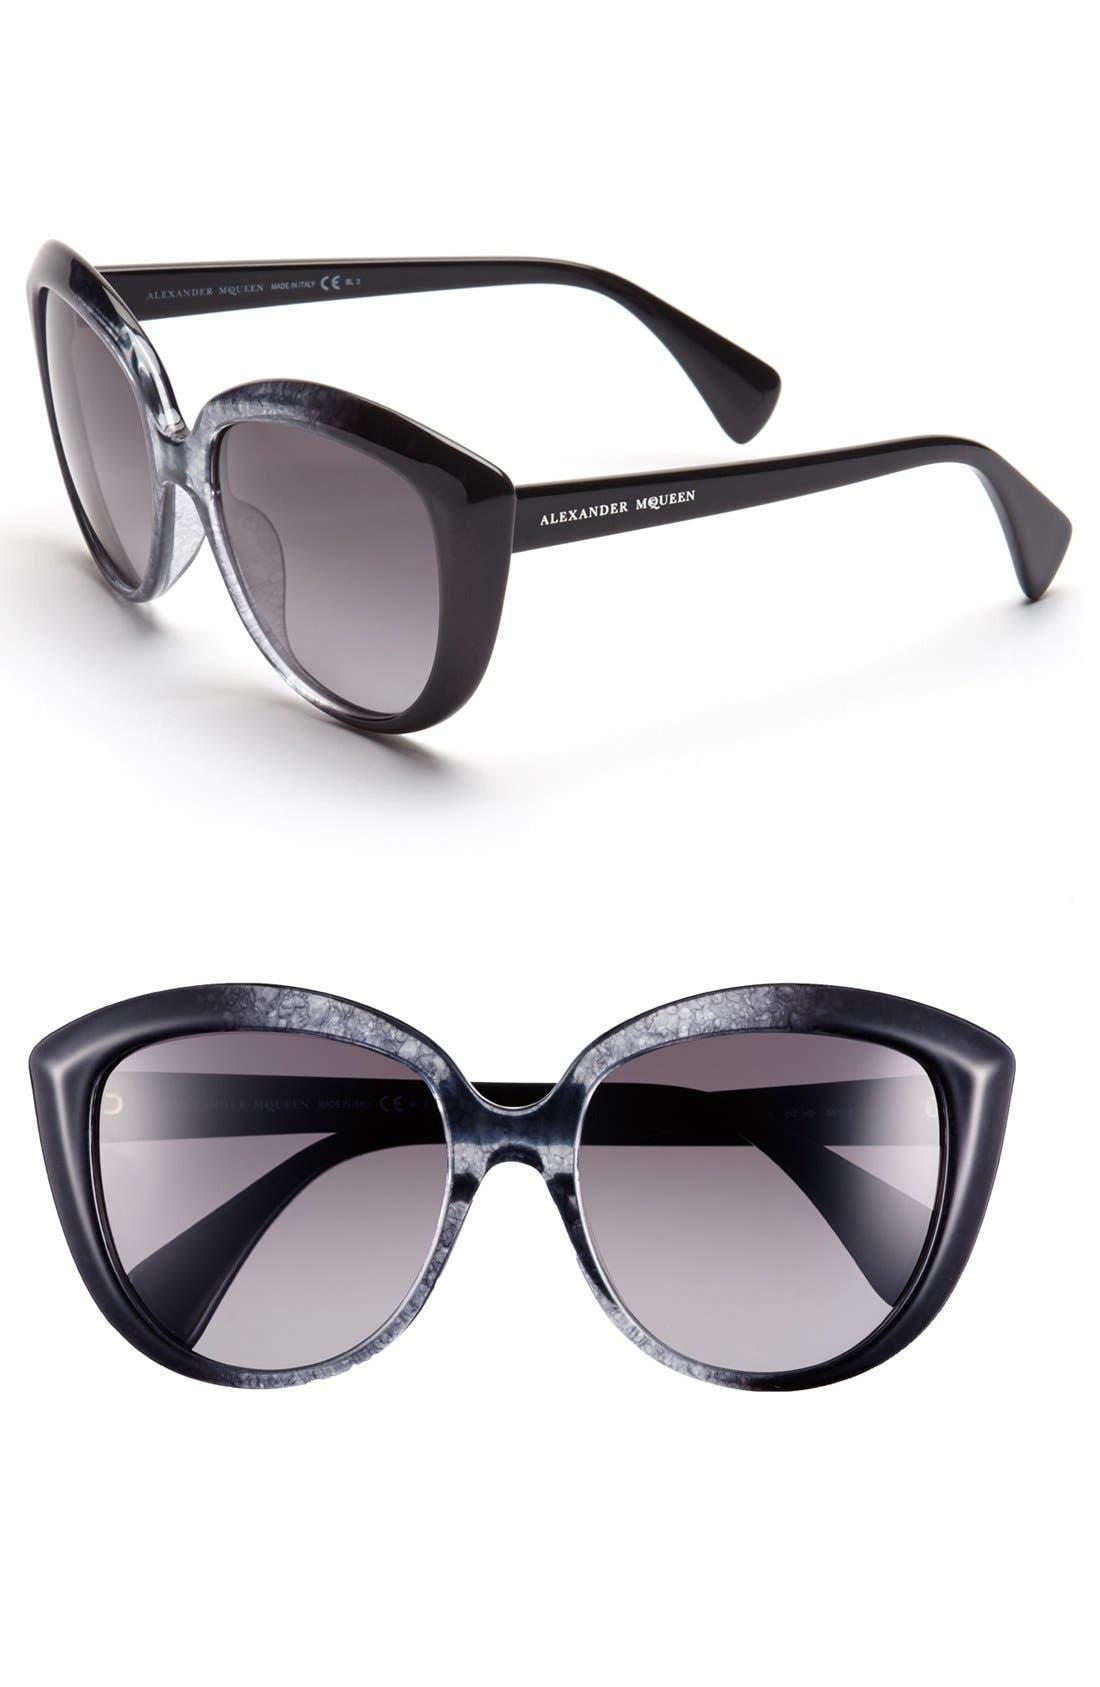 Main Image - Alexander McQueen 55mm Gradient Cat Eye Sunglasses